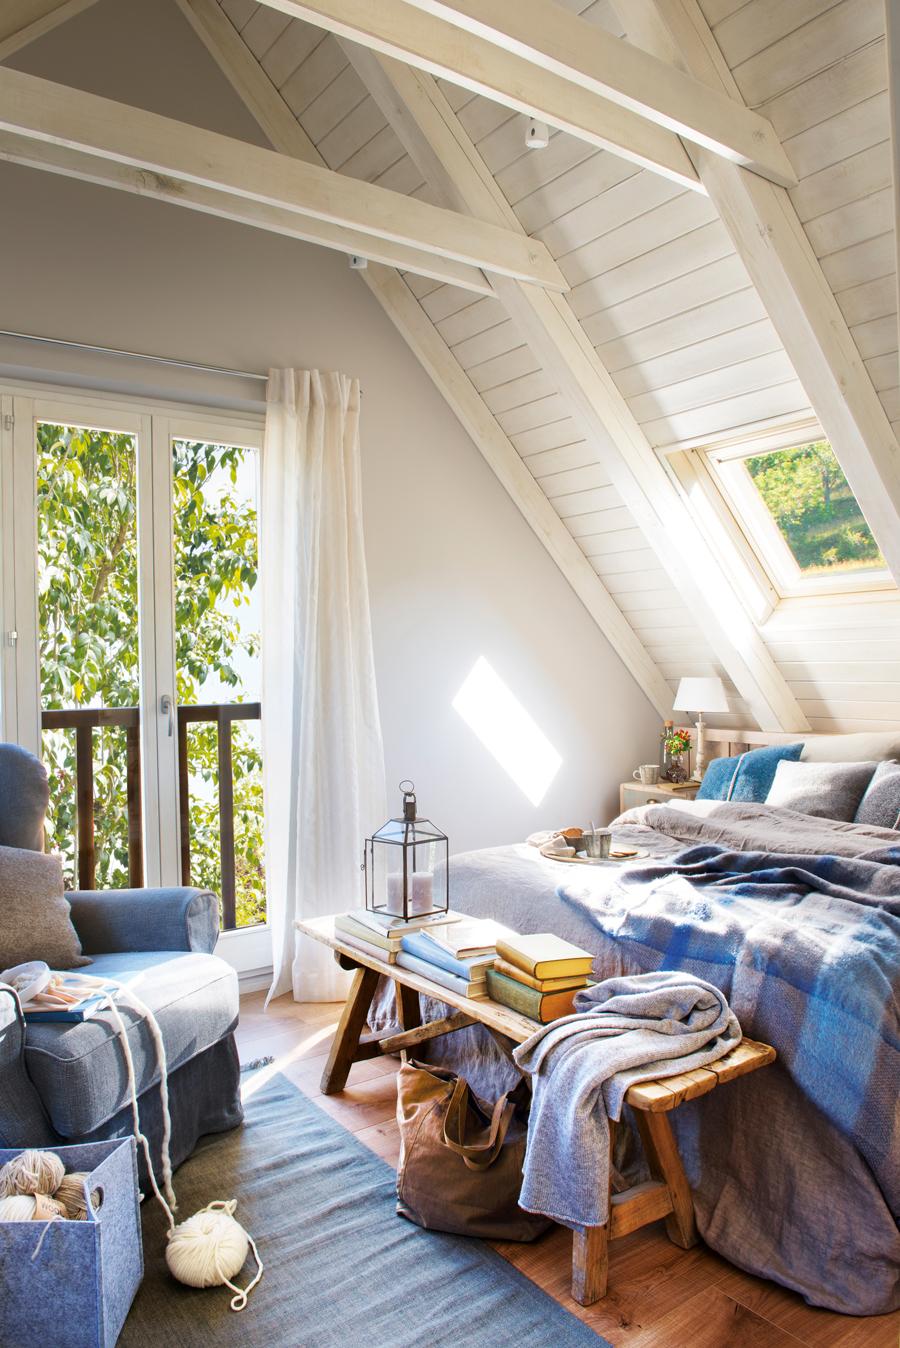 00442701. Dormitorio abuhardillado rústico con techos de madera en blanco, butaca gris y ropa de cama azul y gris 00442701